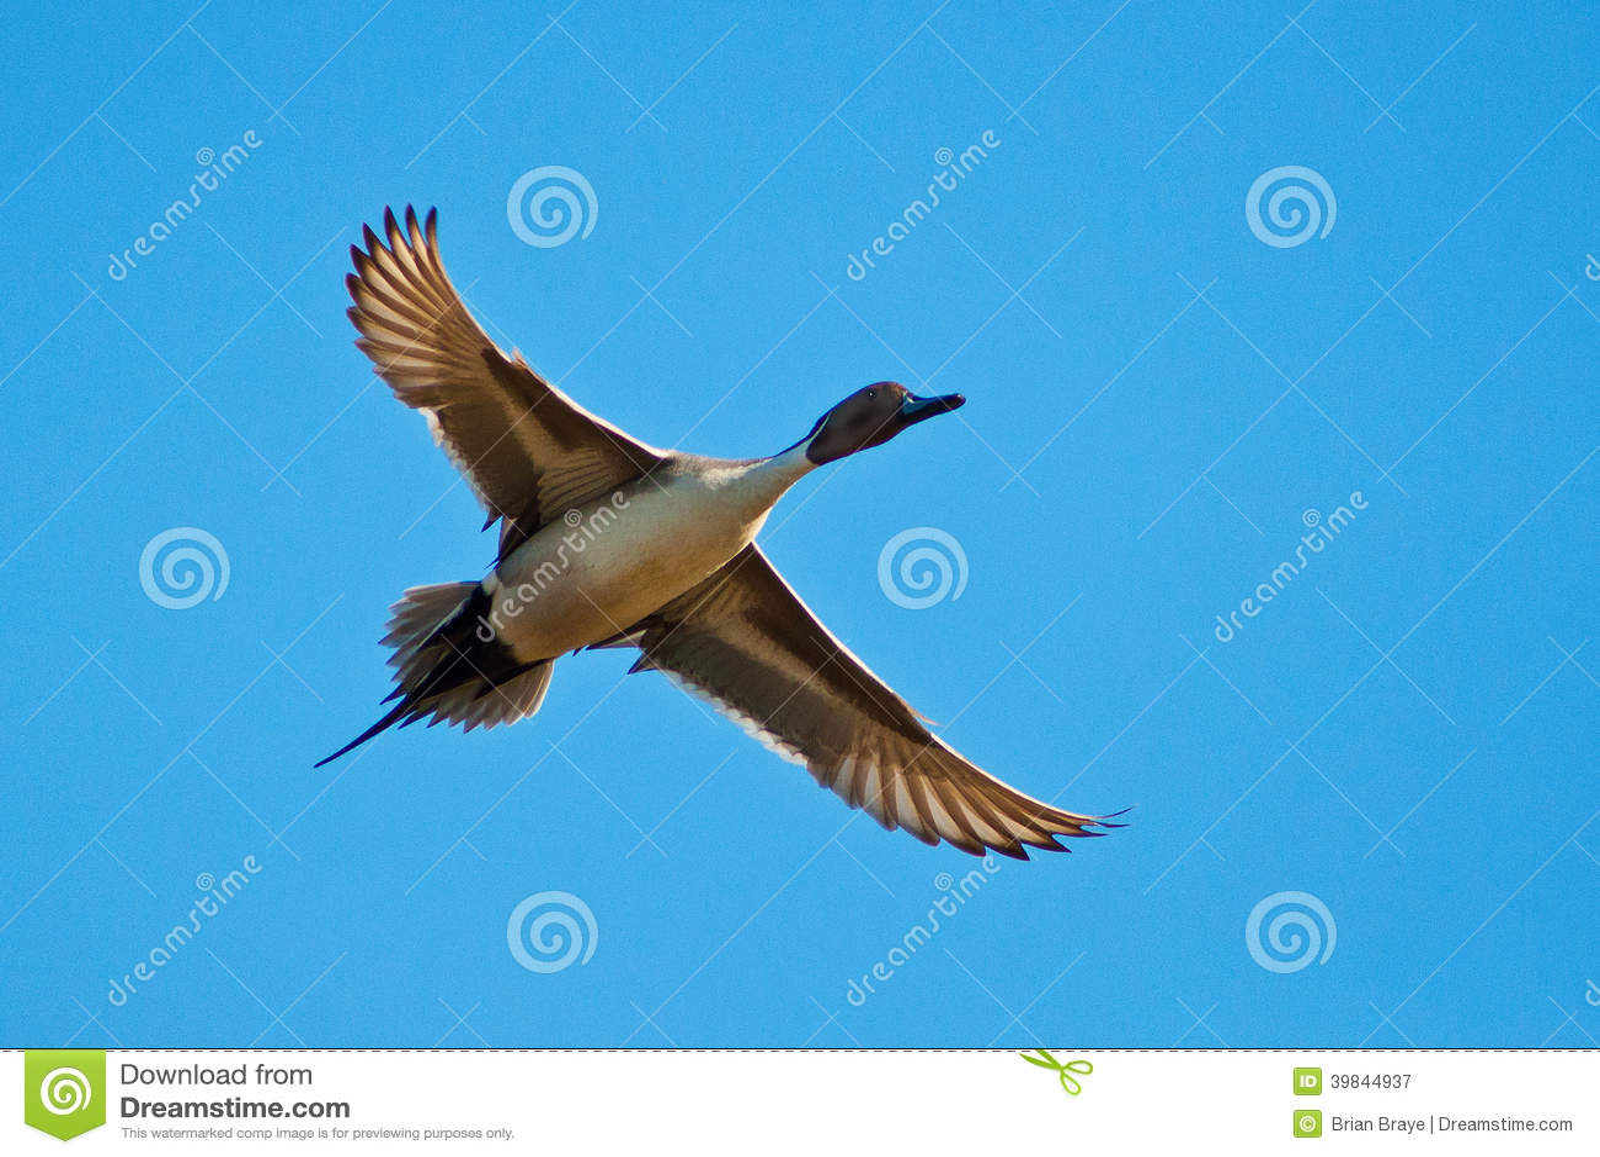 Pato rojizo en vuelo